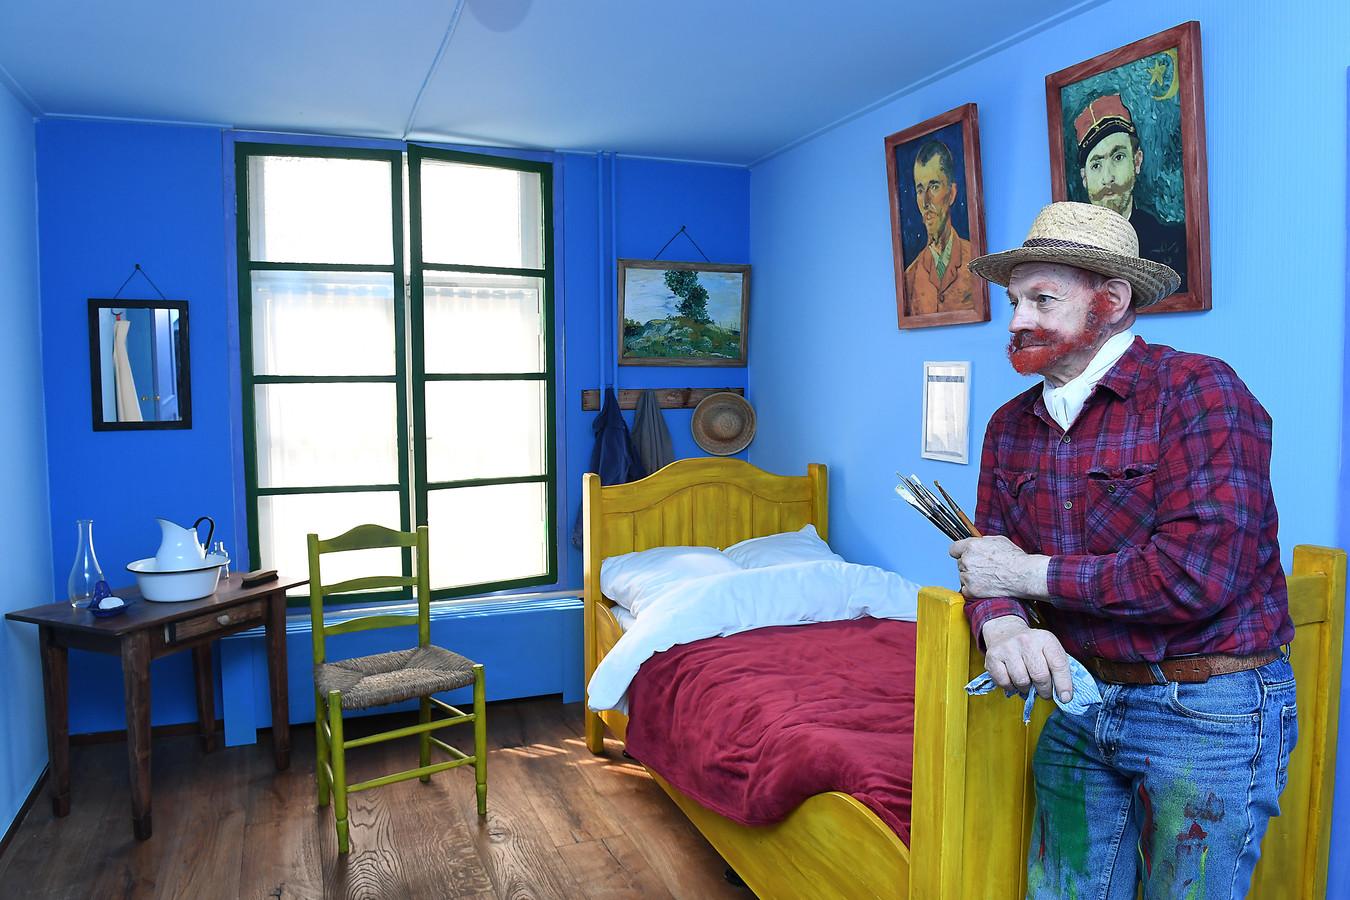 Kamer Van Gogh in Boxmeer trekt veel bekijks | Boxmeer | gelderlander.nl